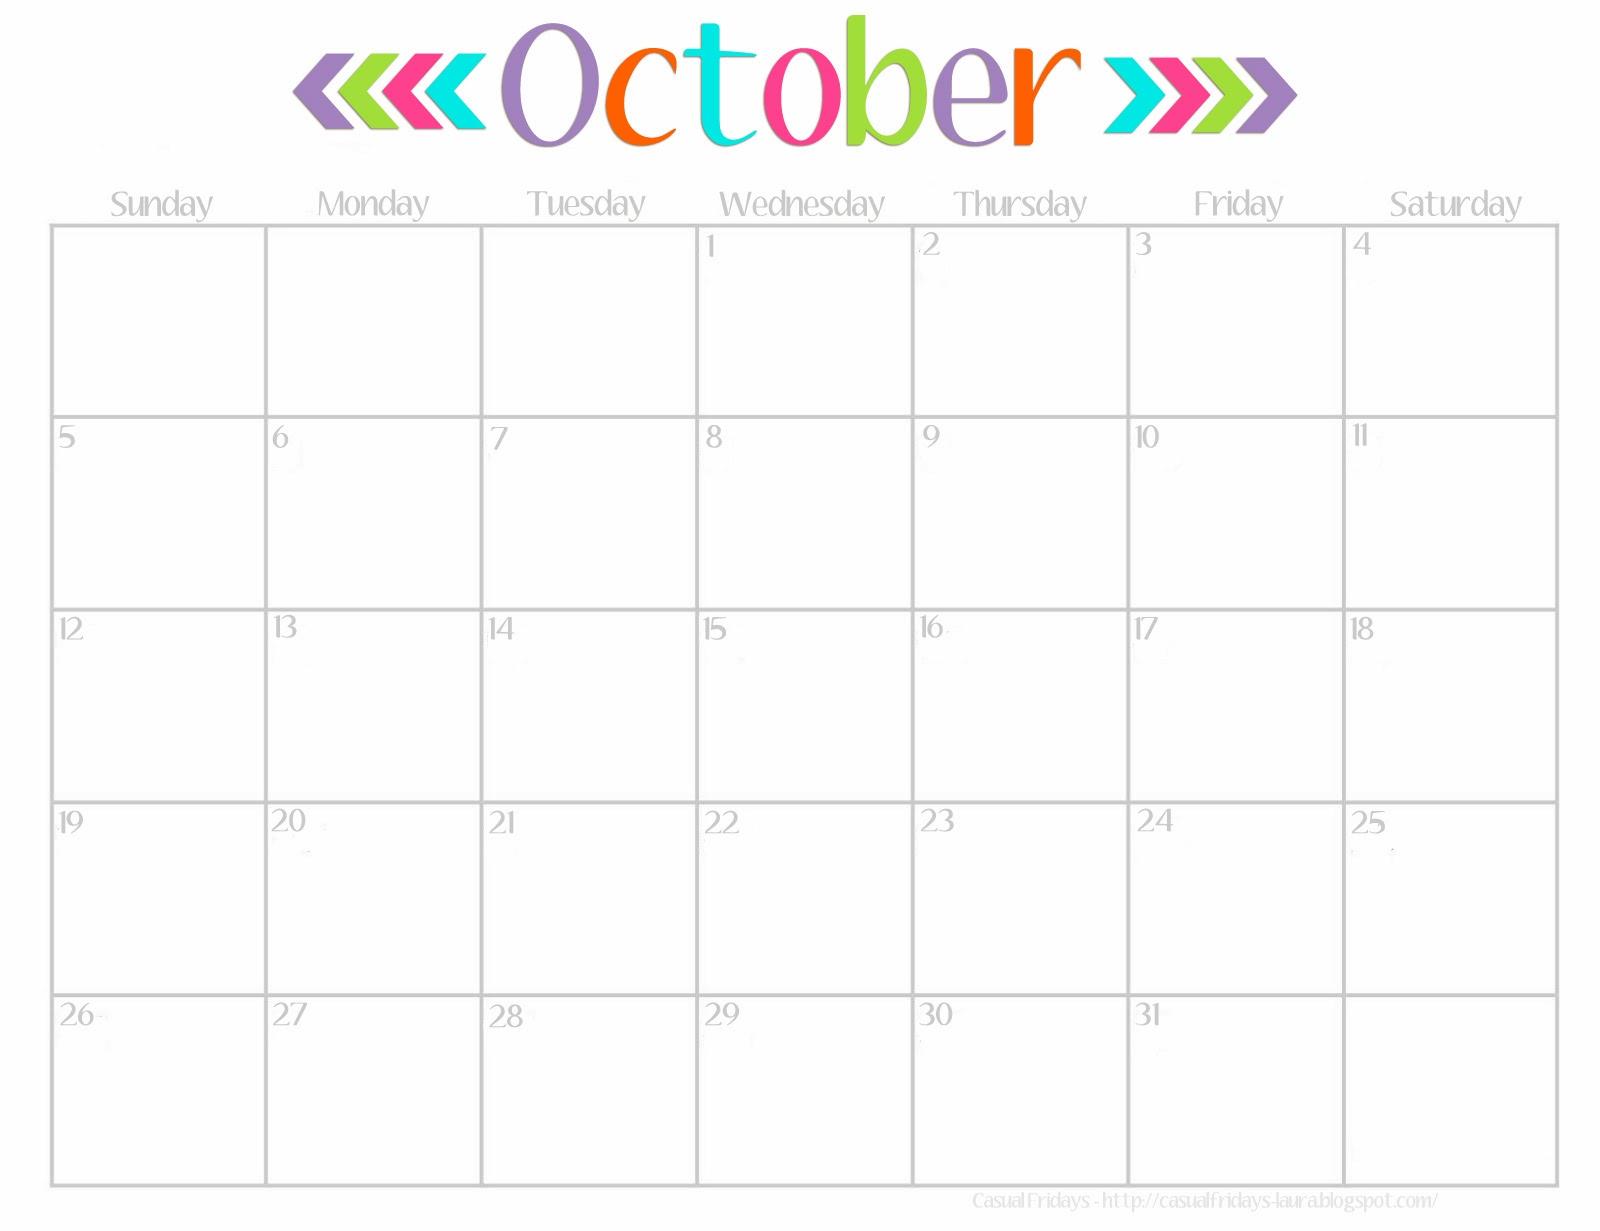 October Calendar Printable - I Heart Nap Time